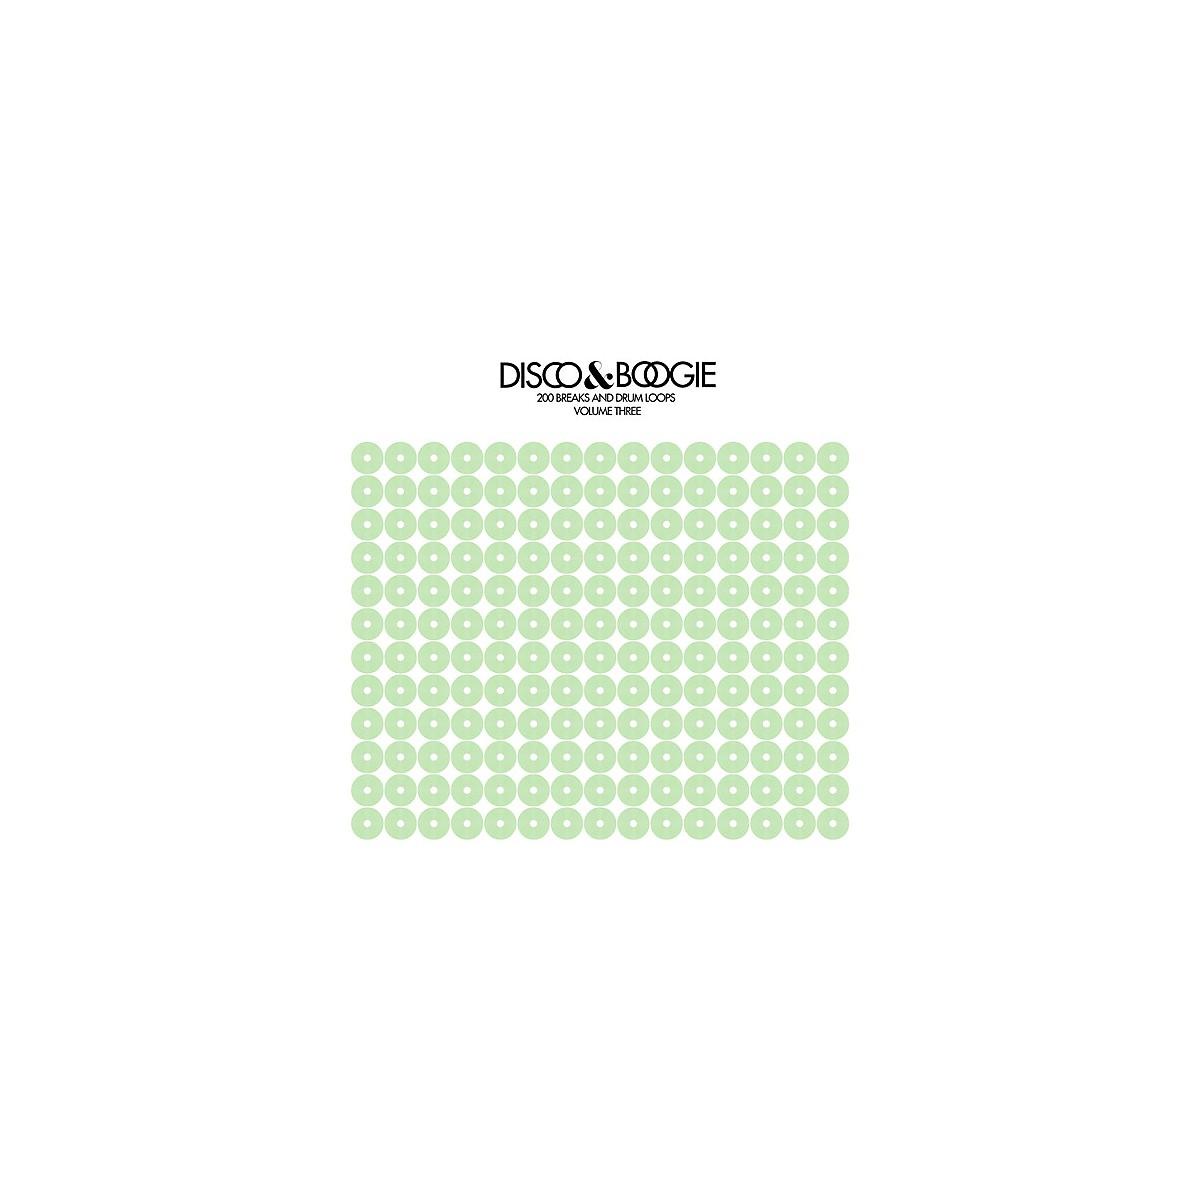 Alliance Disco & Boogie - 200 Breaks & Drum Loops 3